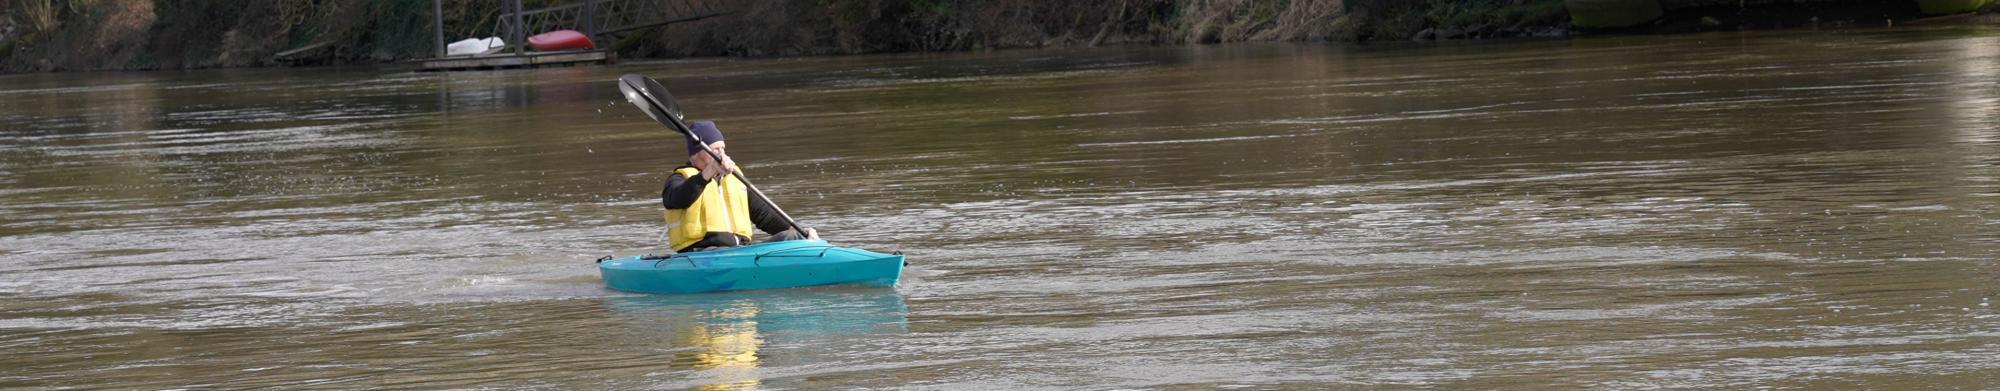 Man Kayaking in River at Duwamish Gardens